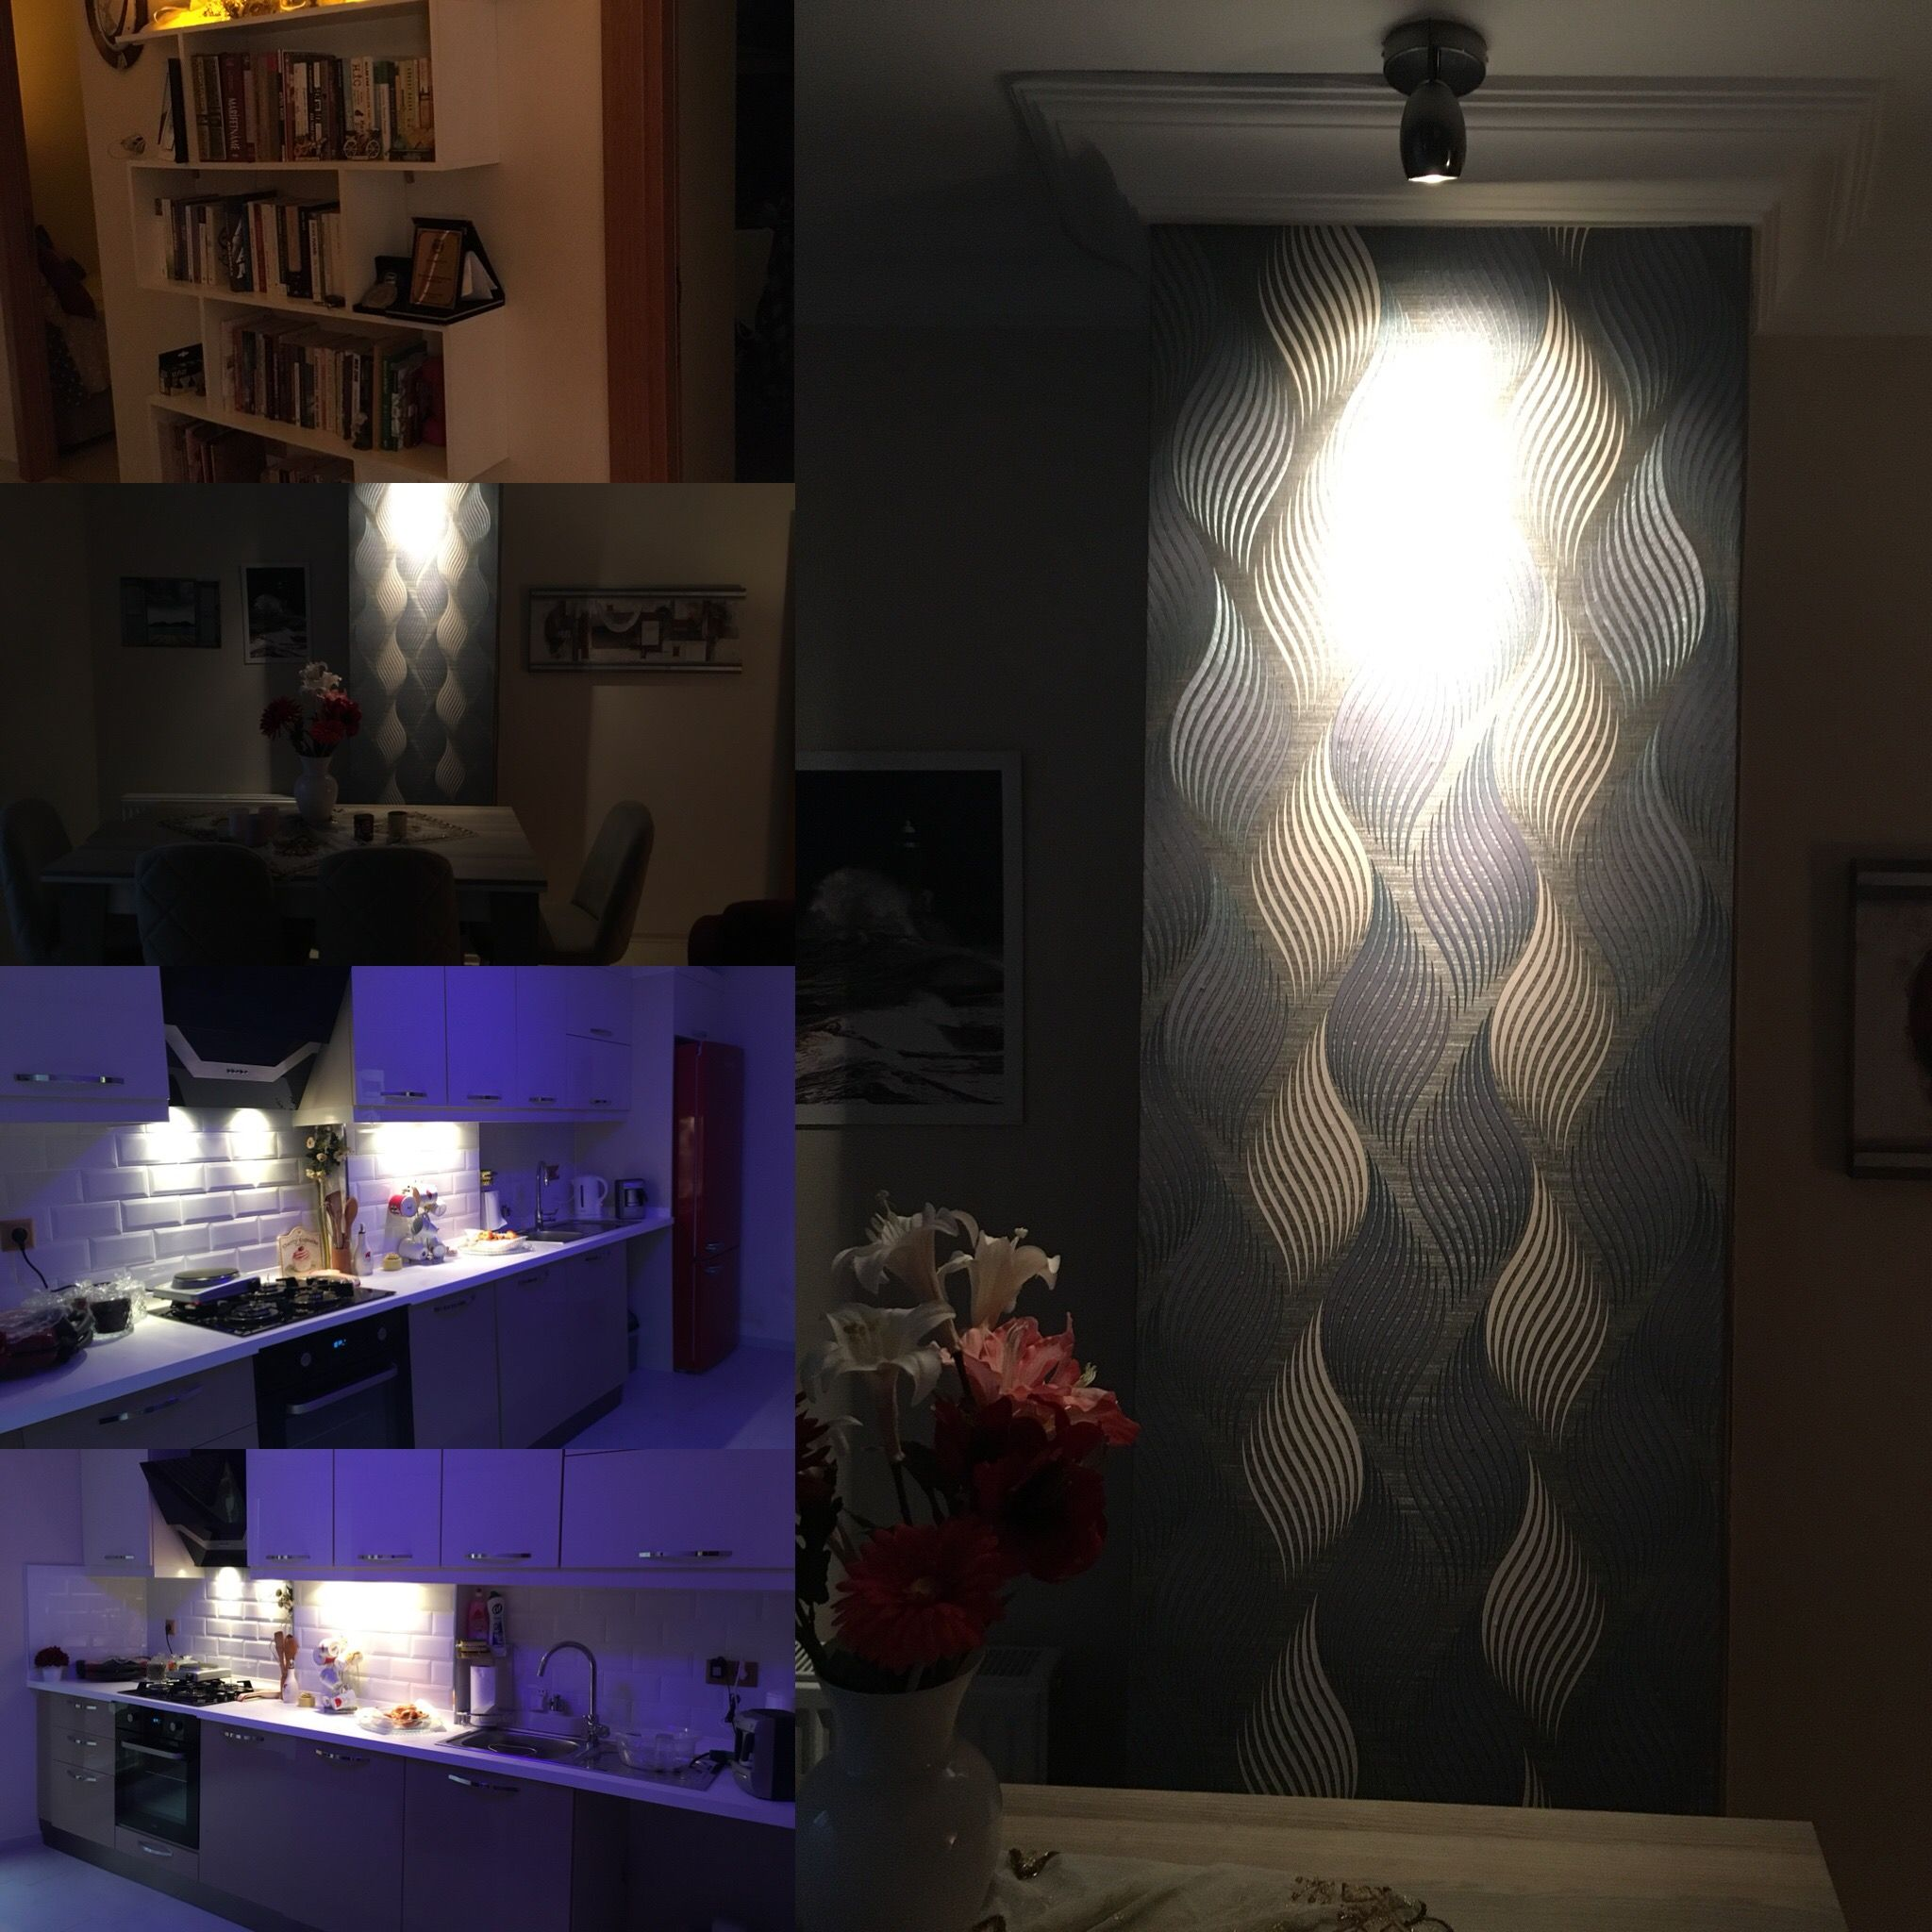 Lovely Einfache Dekoration Und Mobel Atmosphaerisch Indirekte Beleuchtung #4: Finde Diesen Pin Und Vieles Mehr Auf Bizden Von Afmdekor.